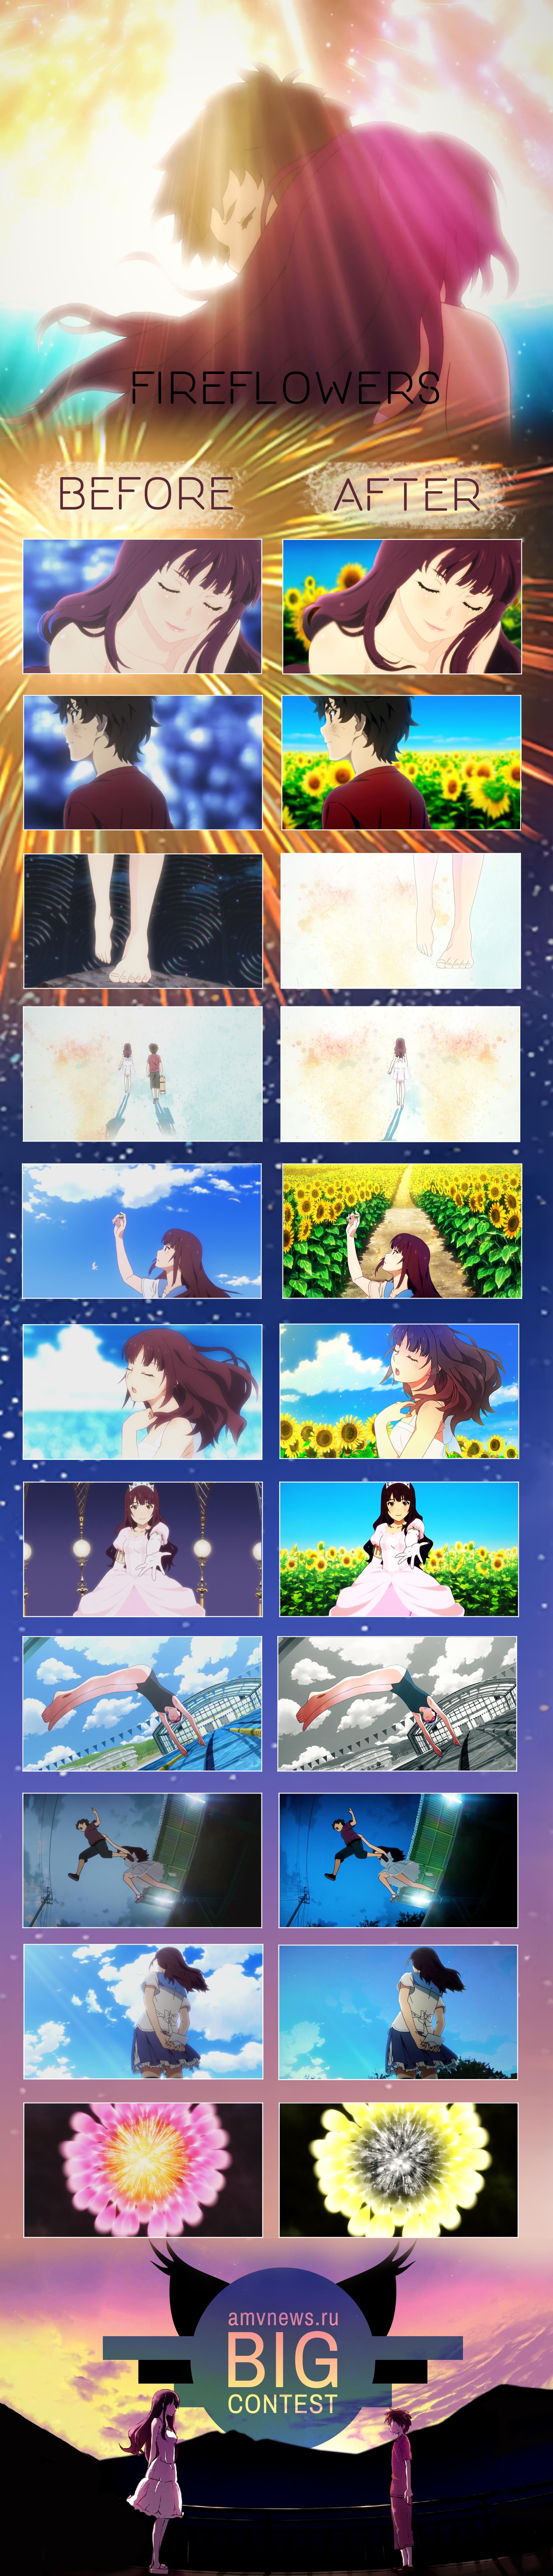 Fireflowers - Oscar 1556485380-Fireflowers